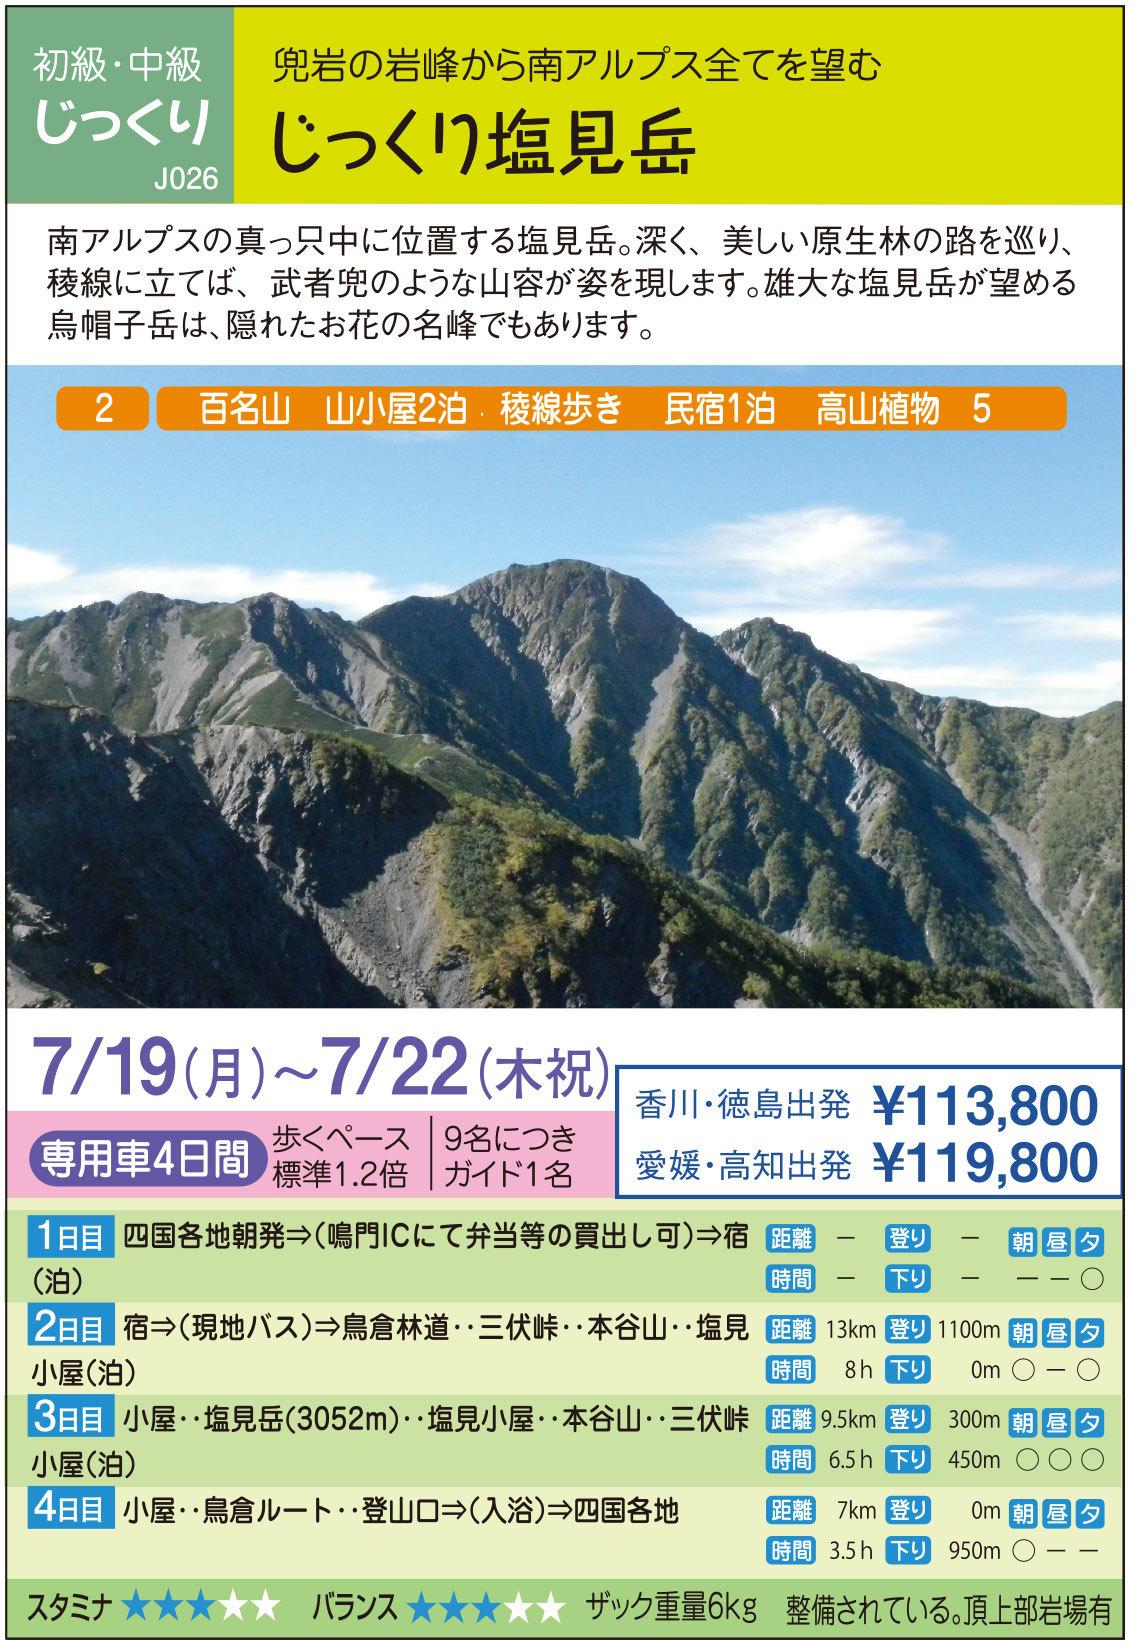 j026shiomi.jpg